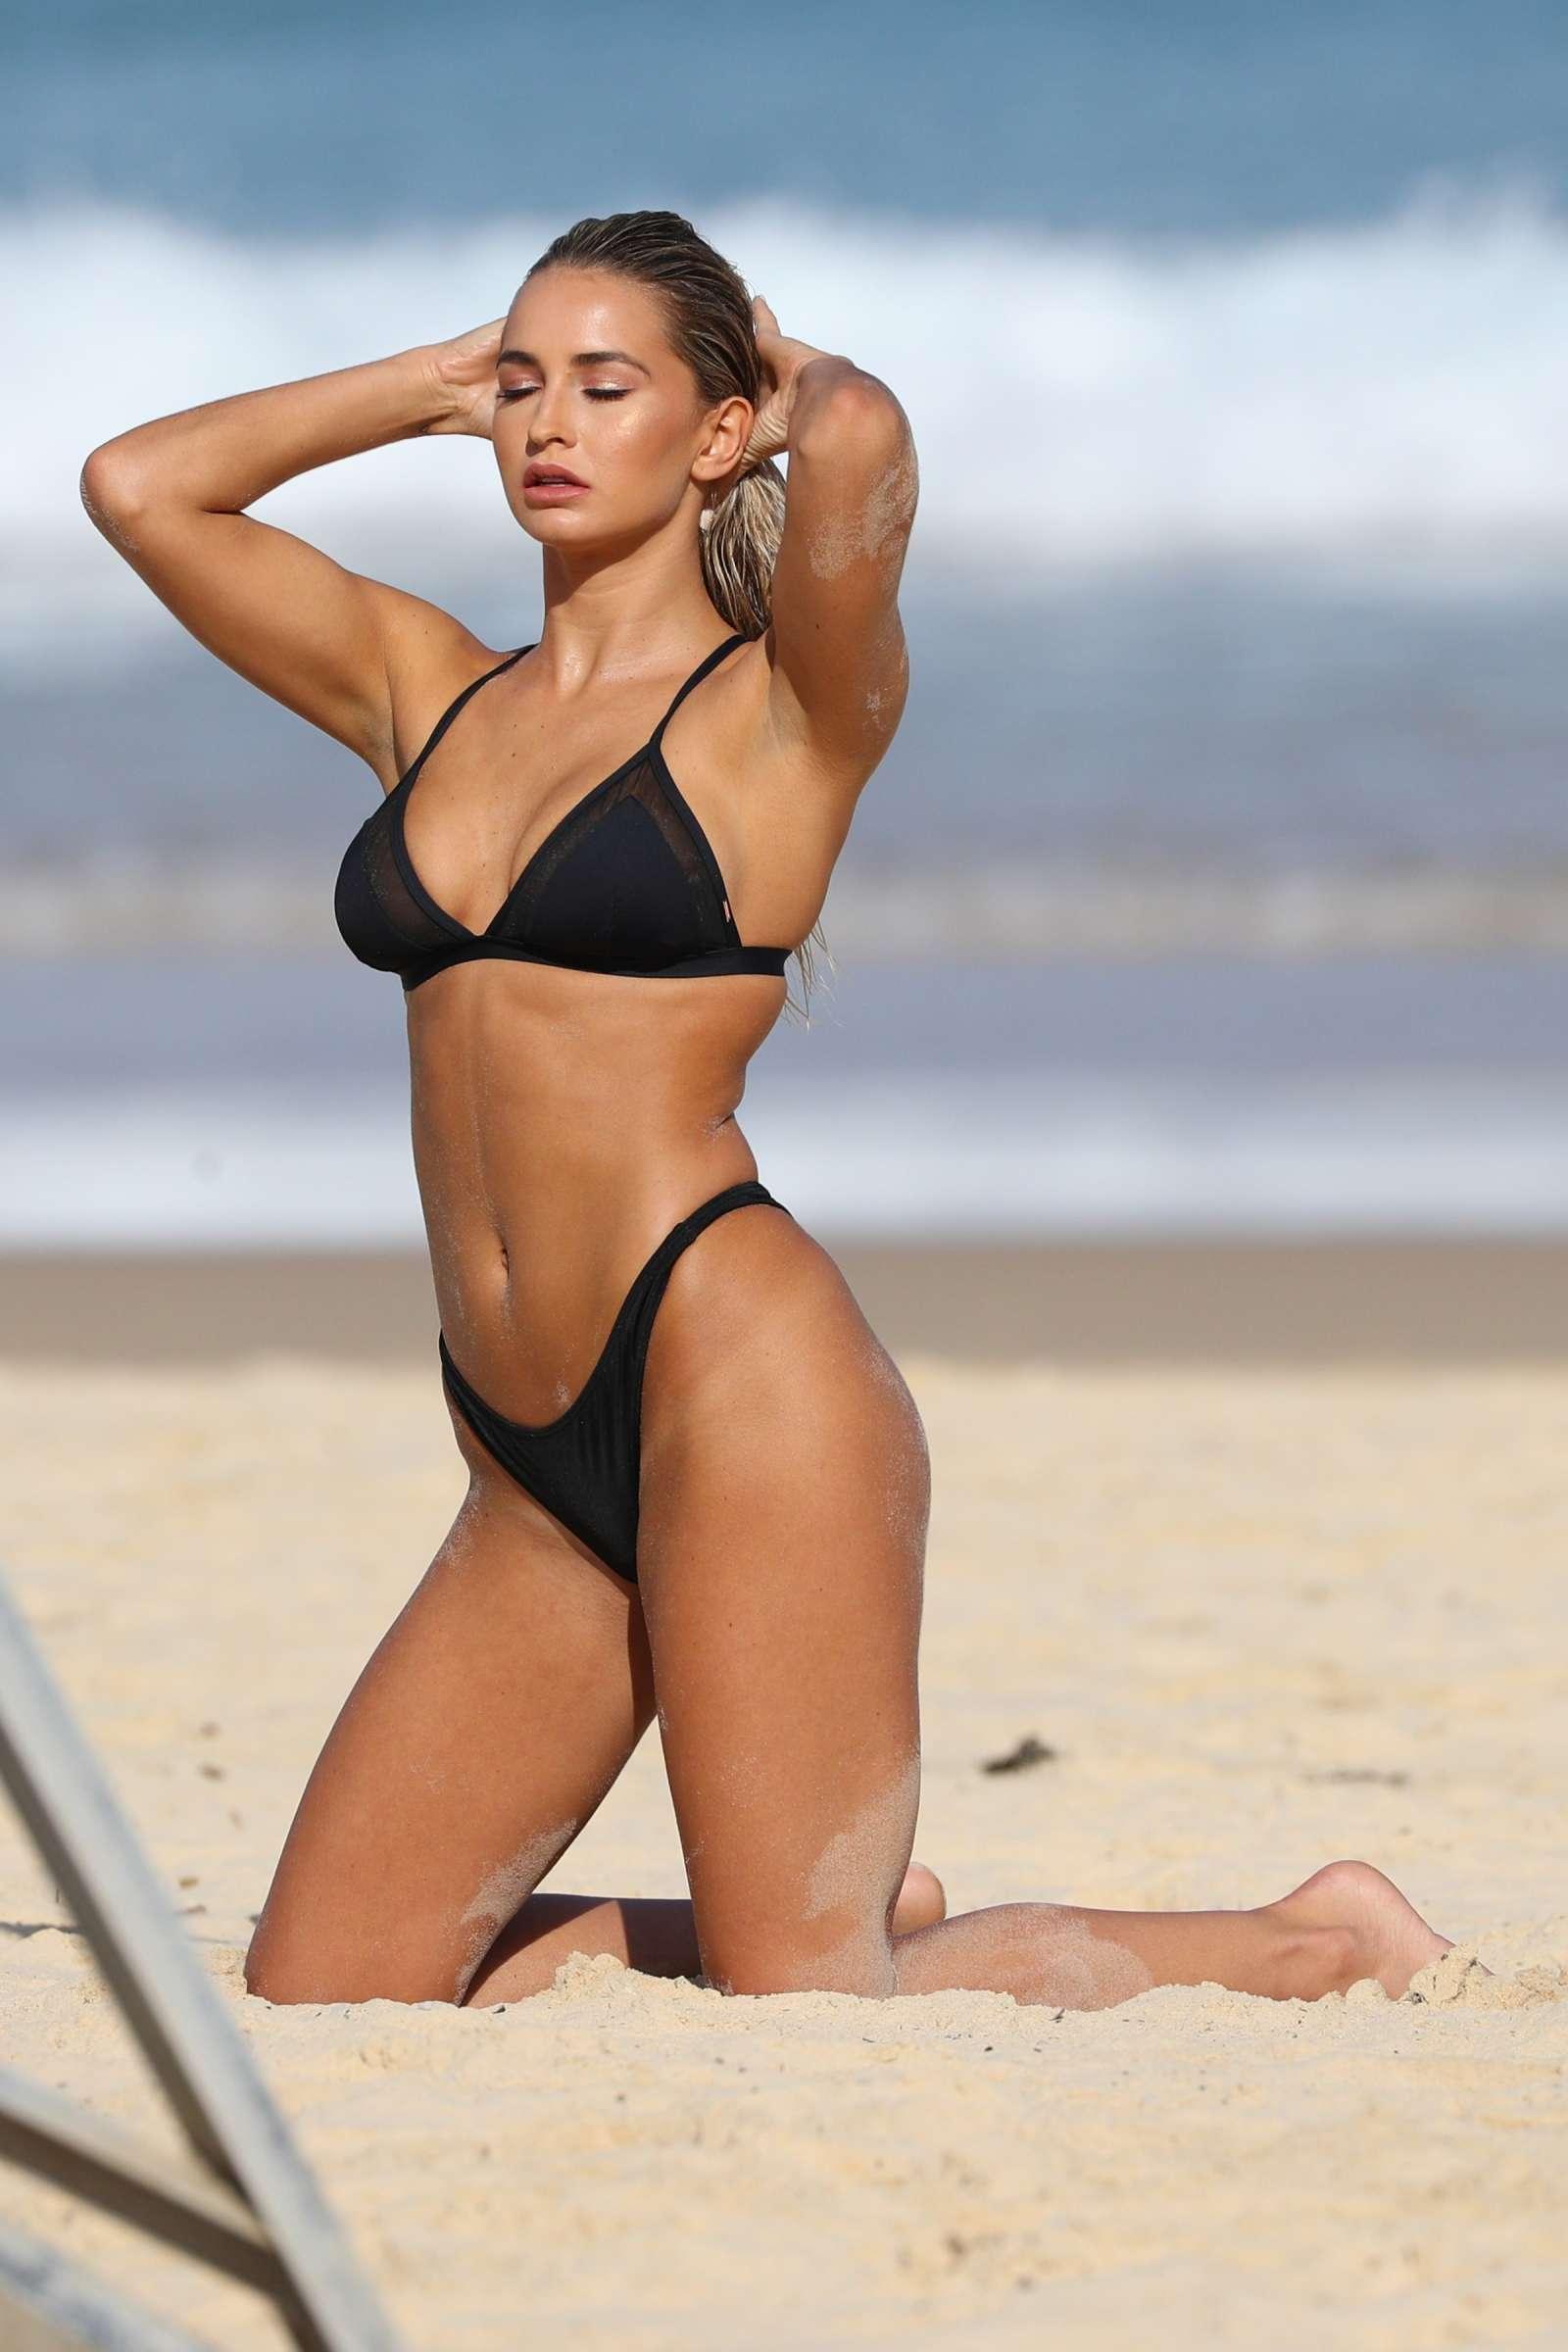 Paparazzi Madison Edwards naked (39 photo), Tits, Paparazzi, Twitter, swimsuit 2019